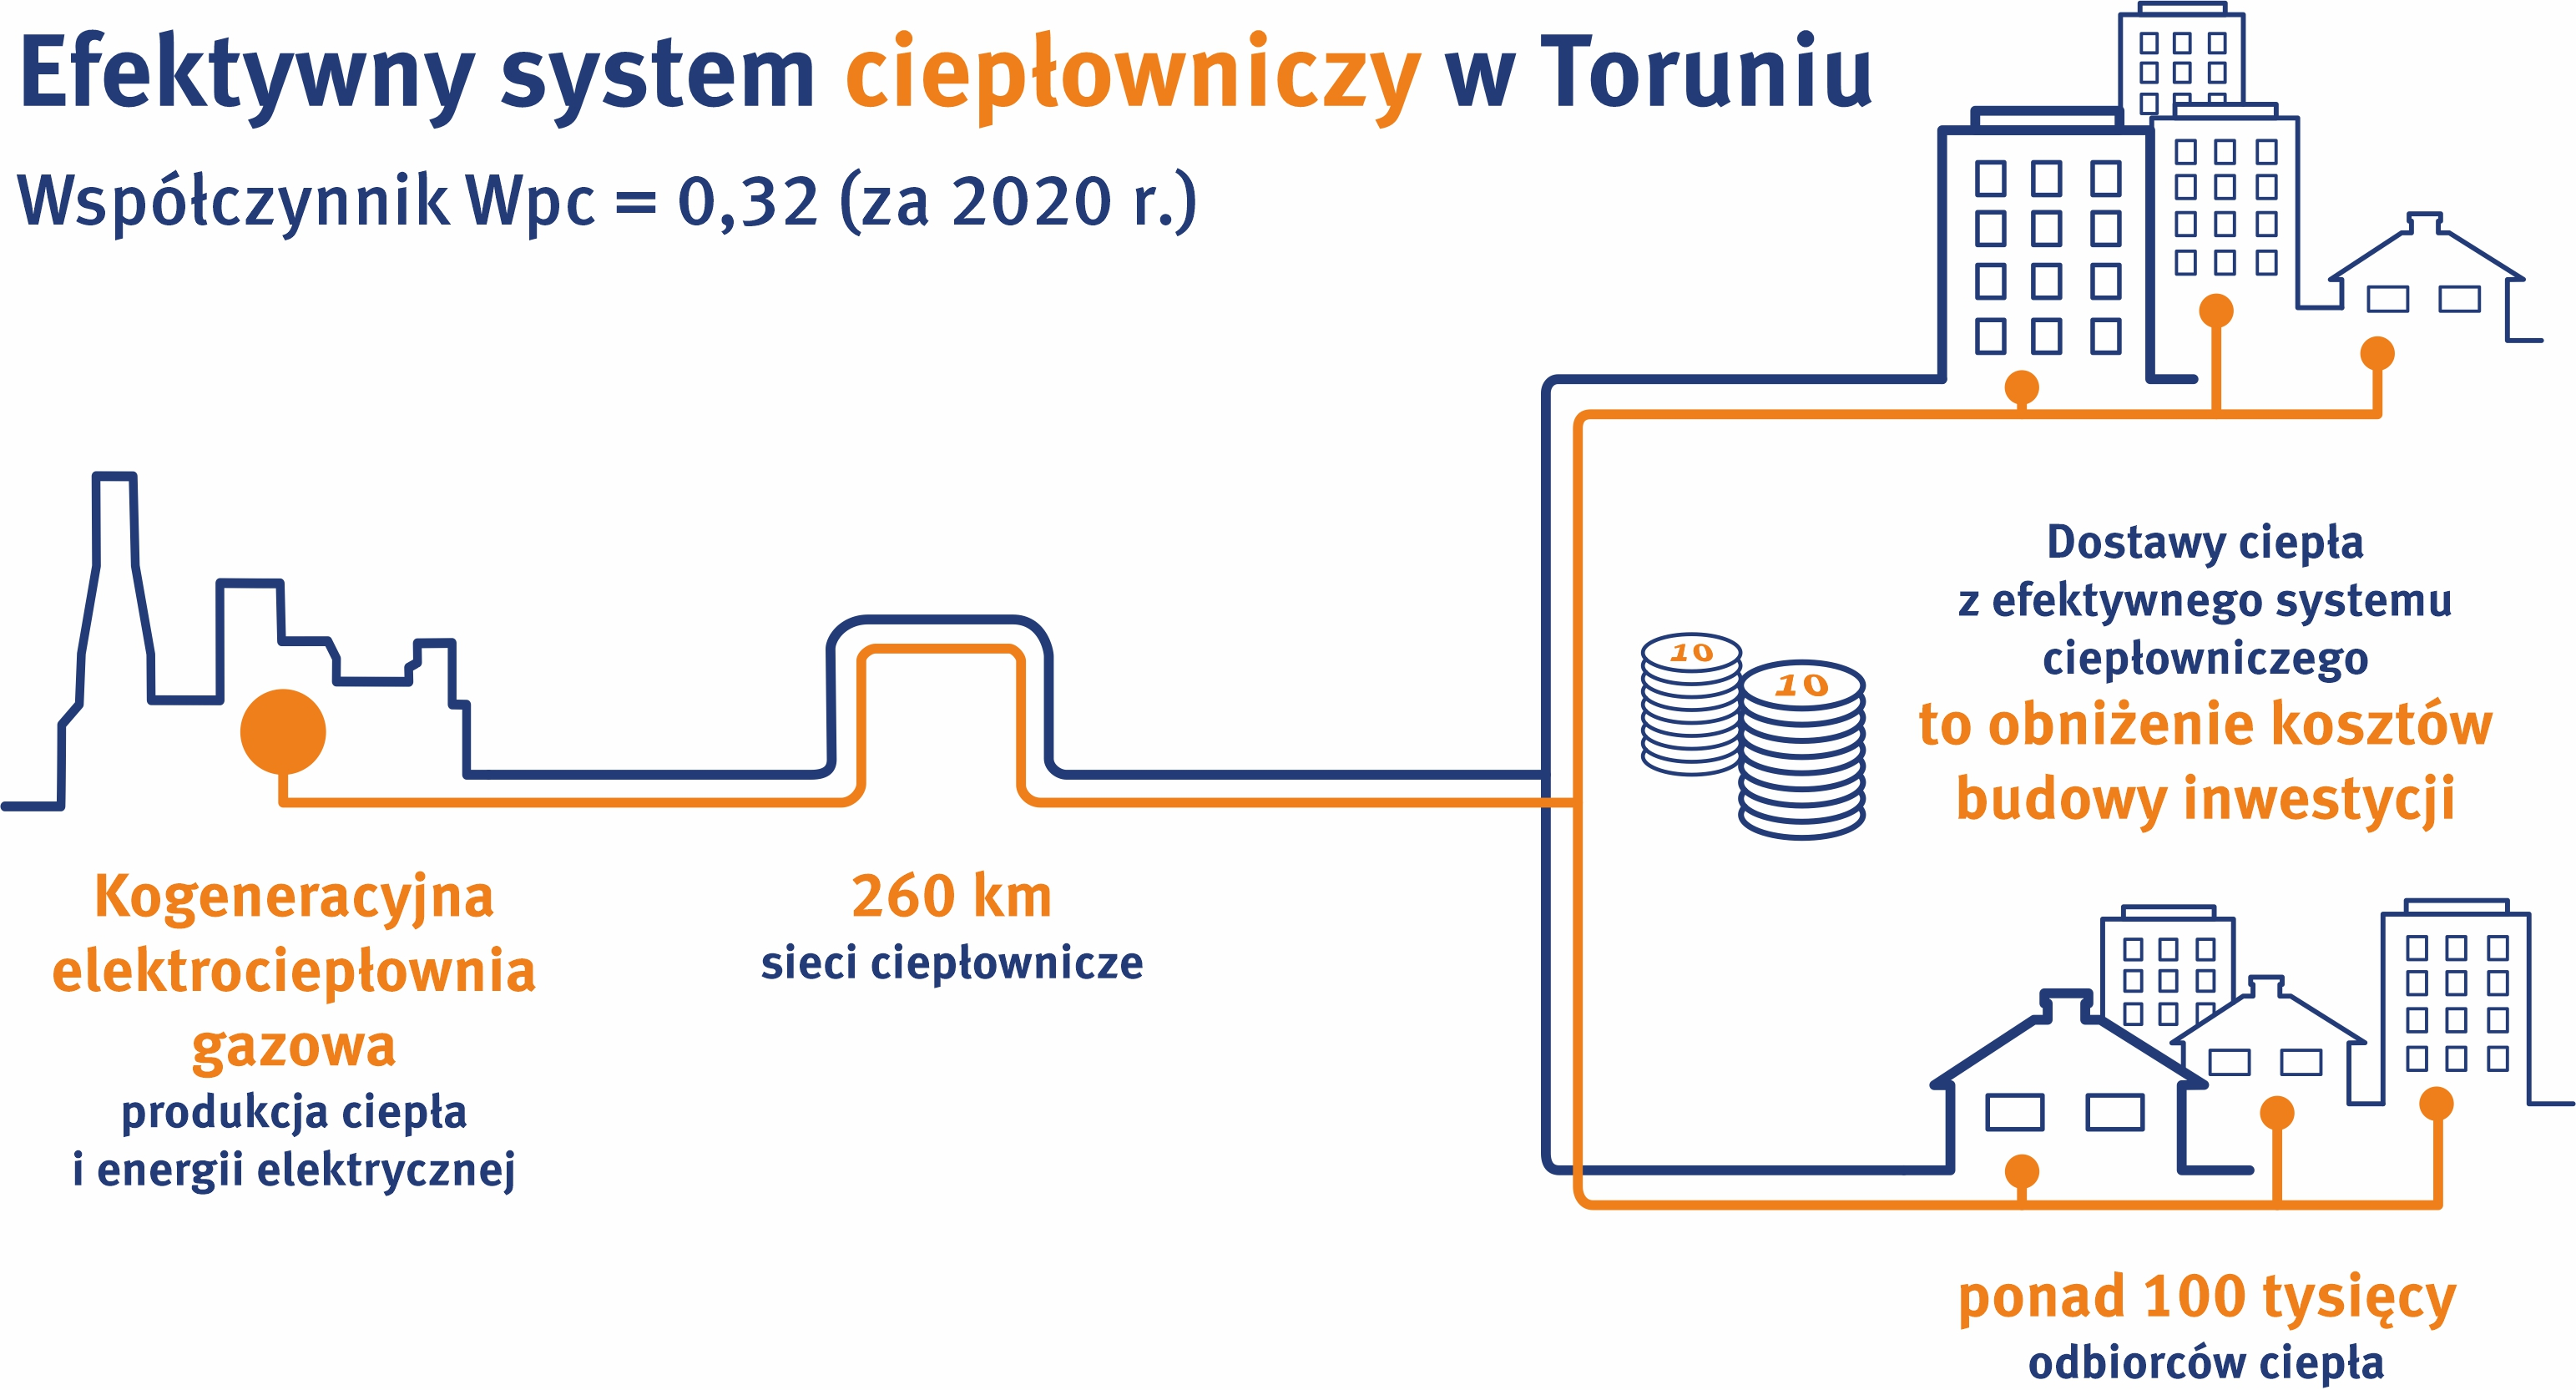 efektywny_system_cieplowniczy_torun_2020.jpg